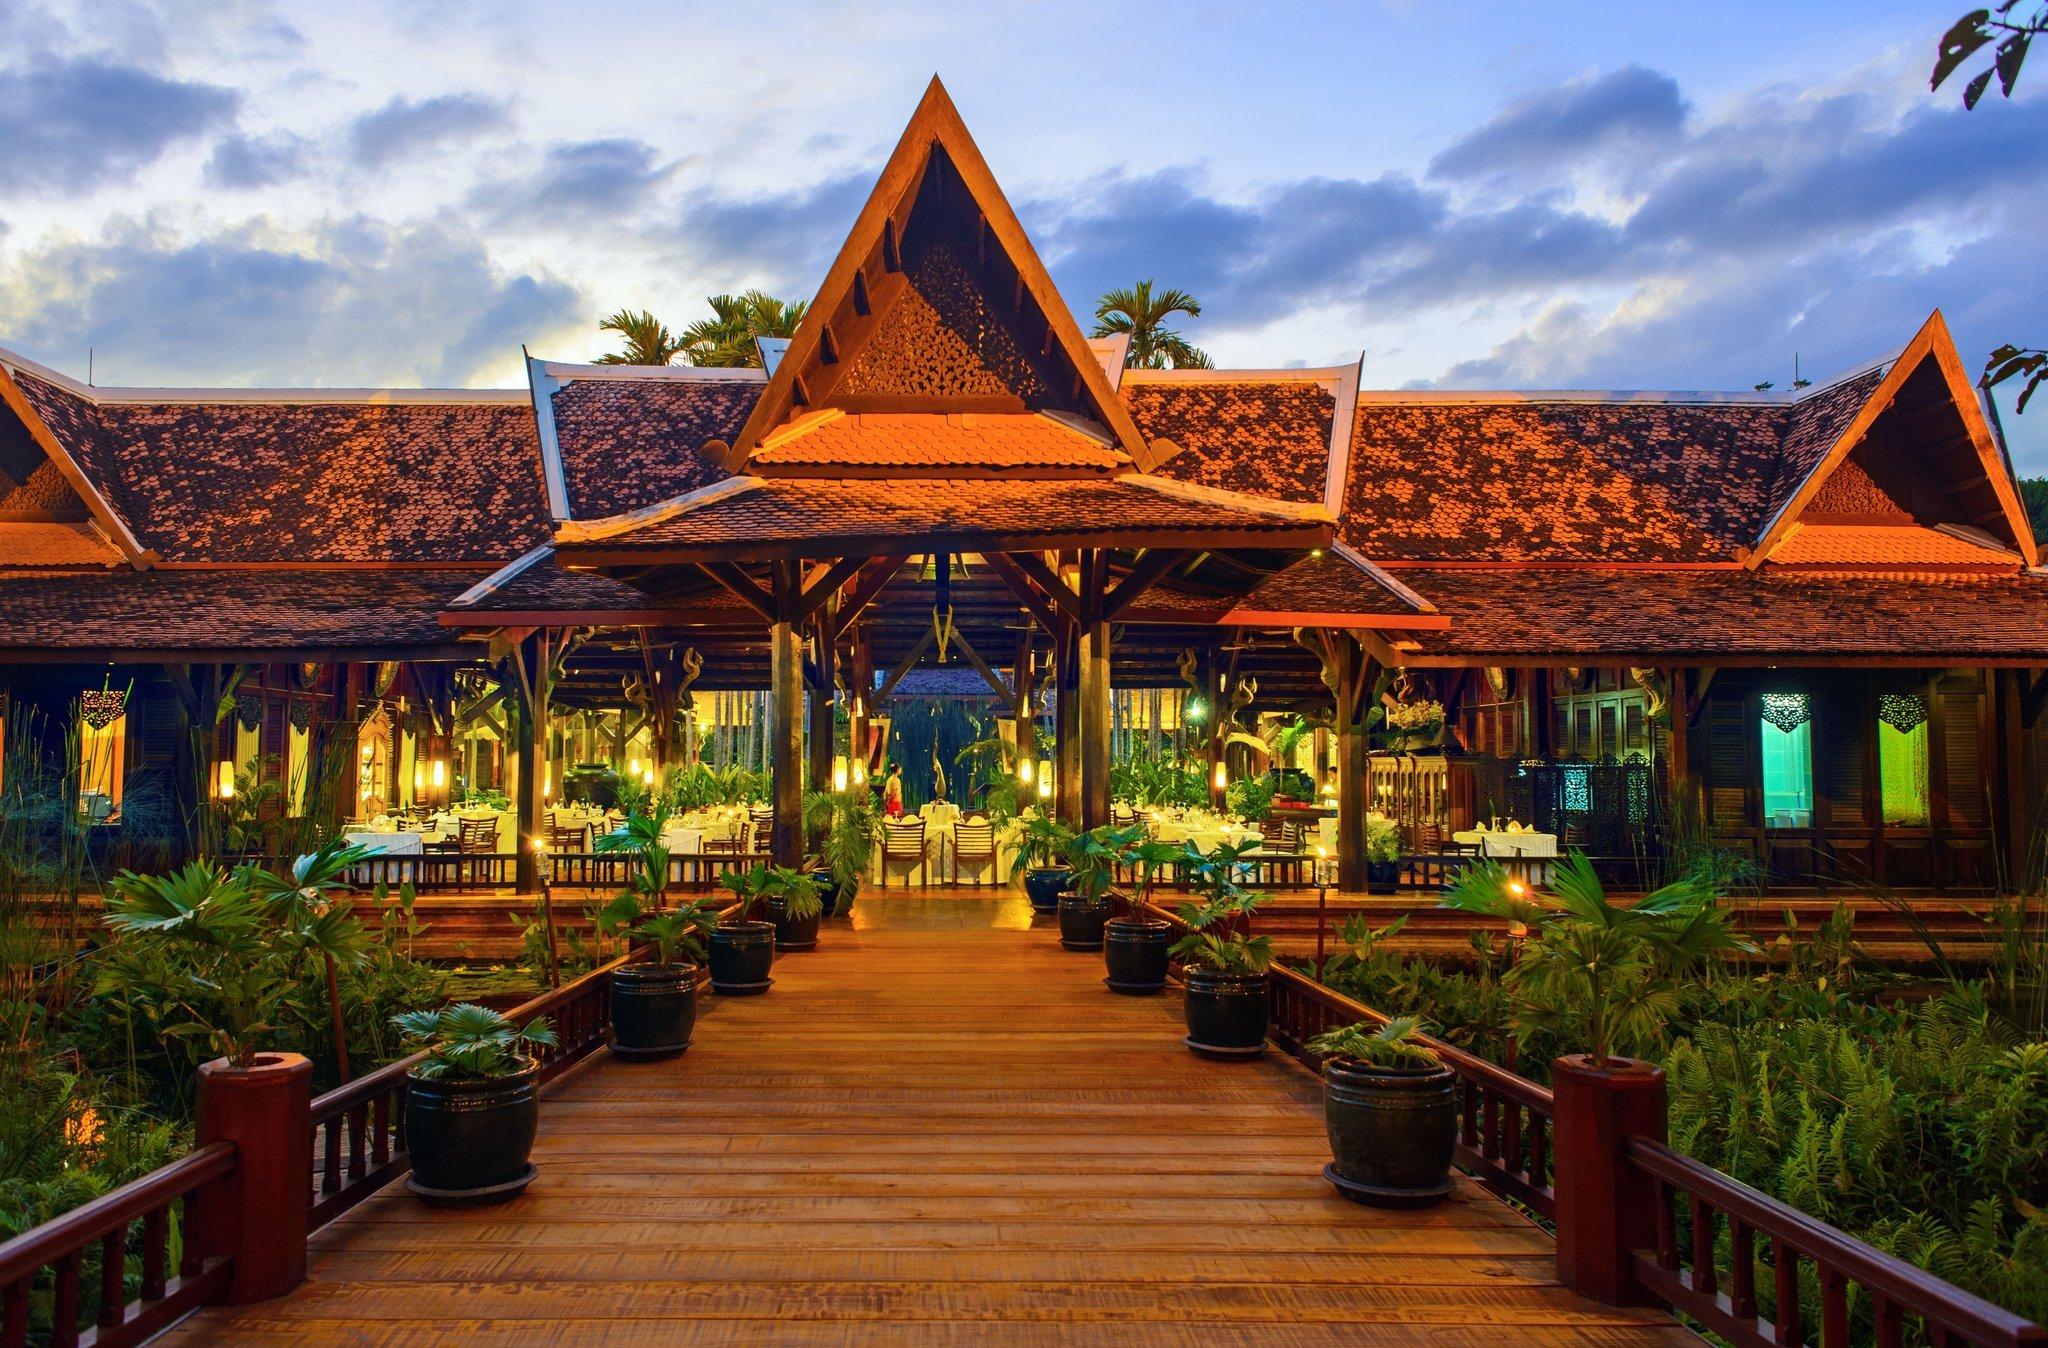 吳哥鄉村飯店